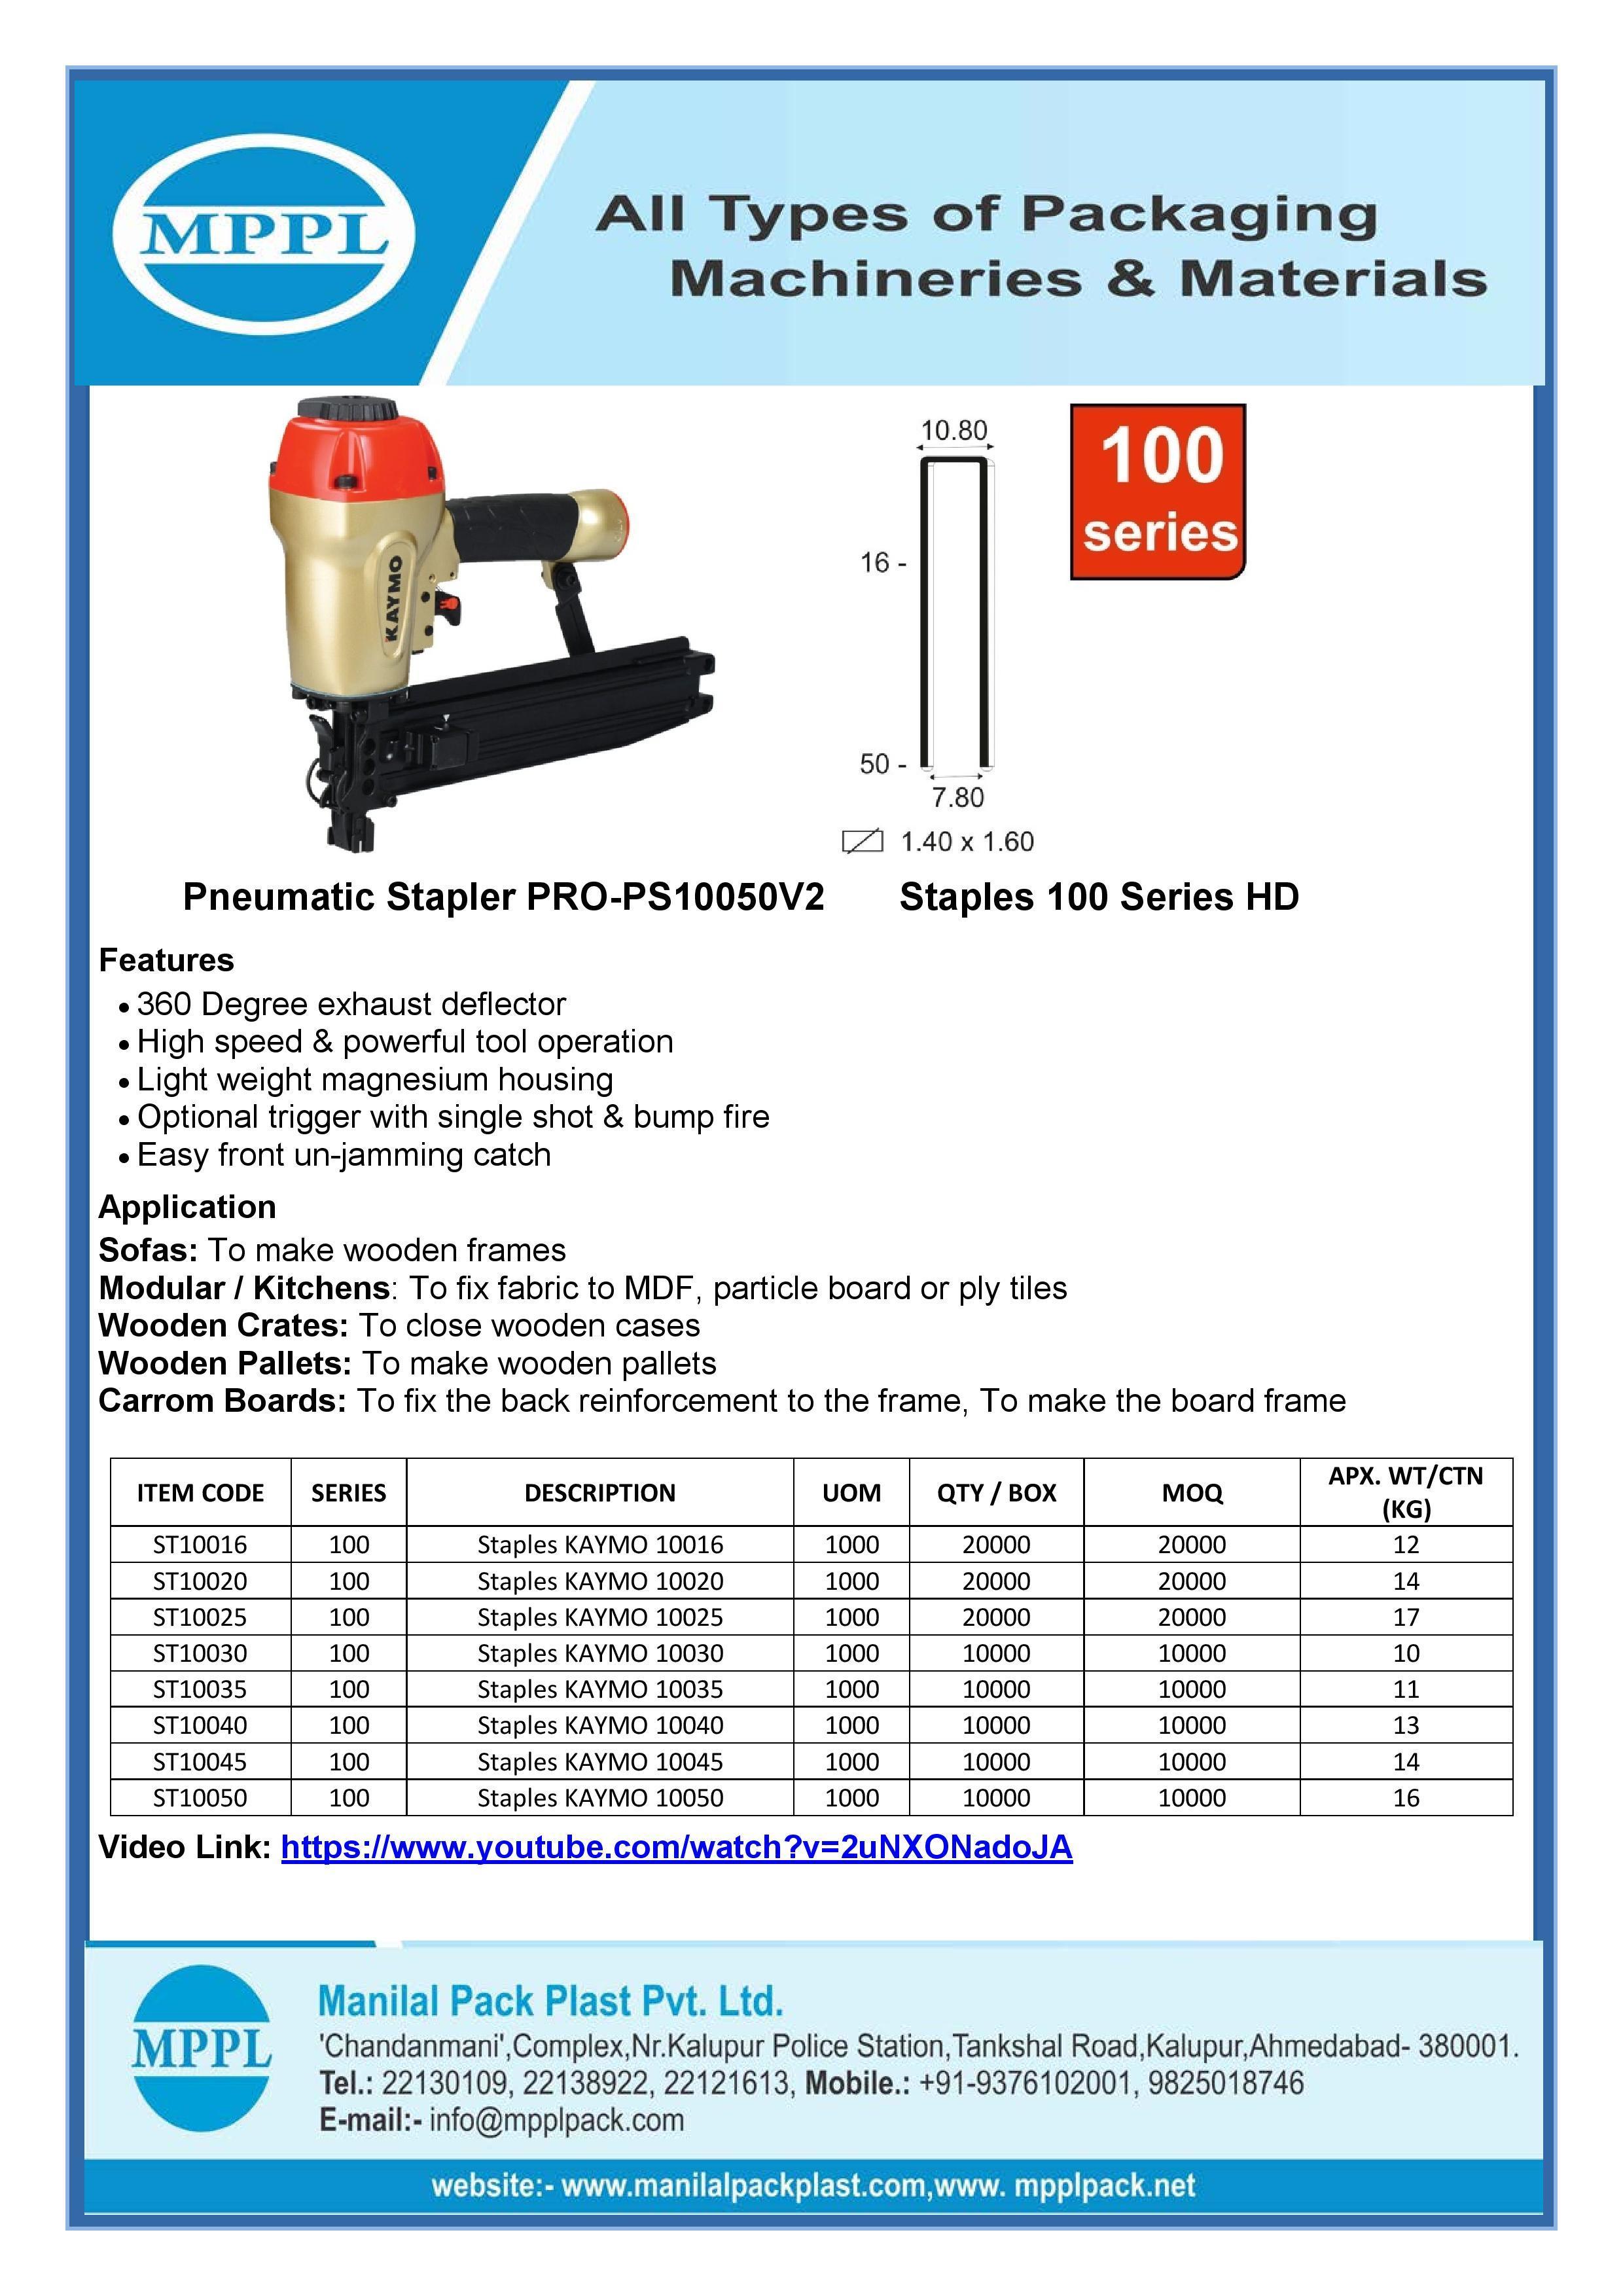 Pneumatic Stapler PRO-PS10050V2